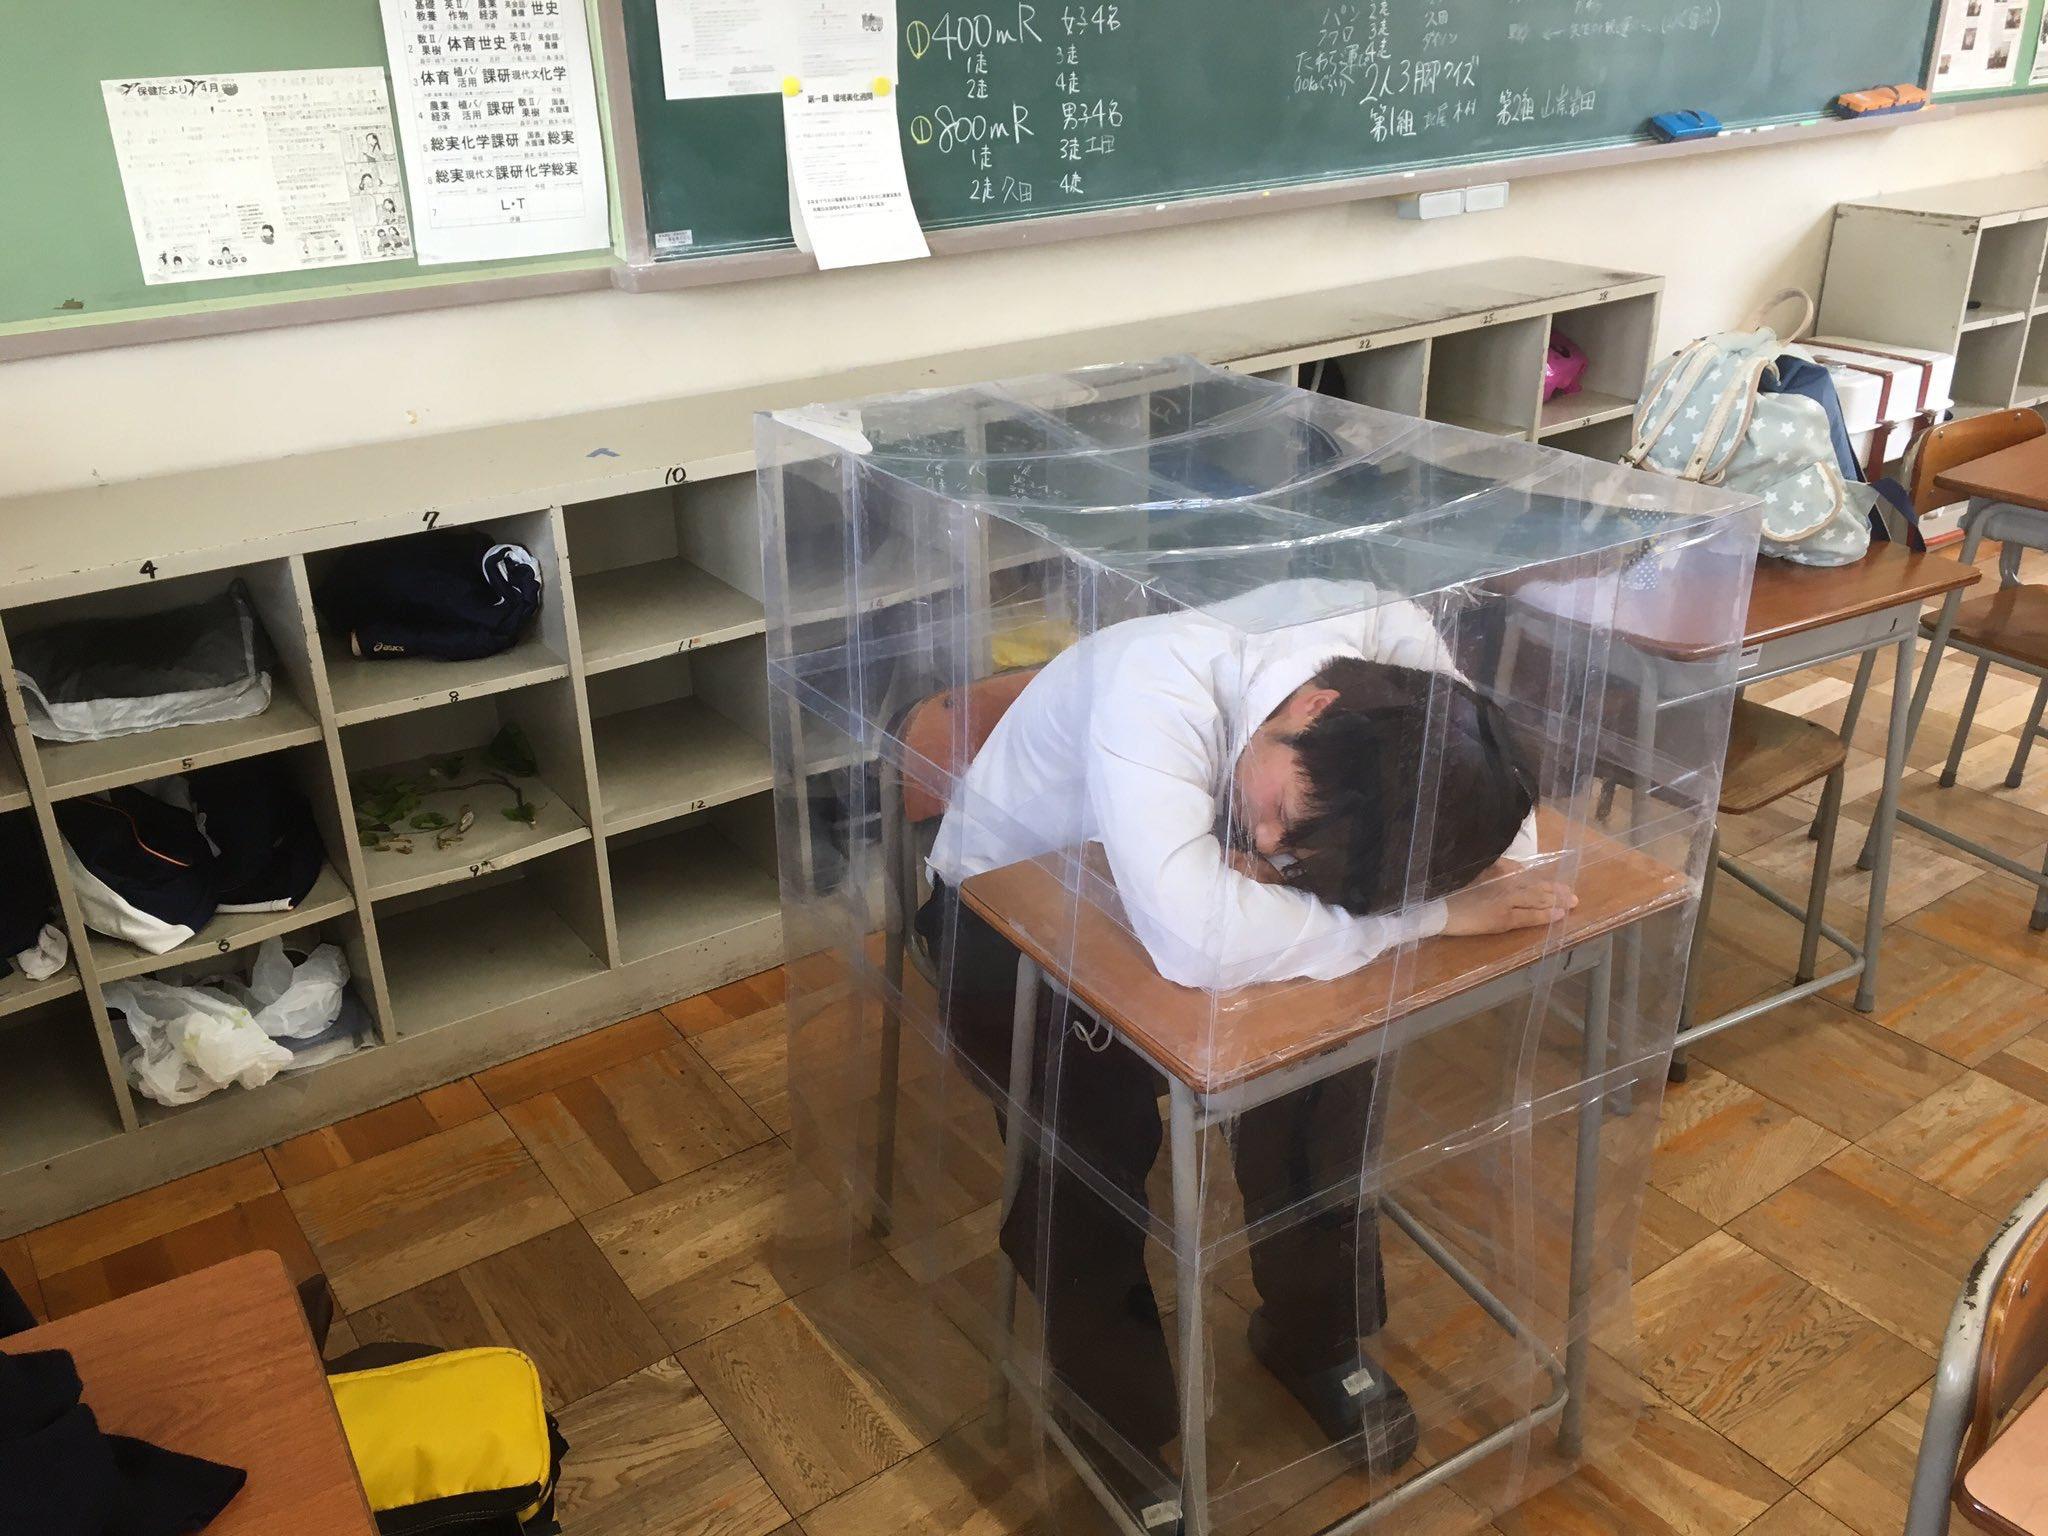 授業中先生に起こされるのを遮るためのバリアーwww